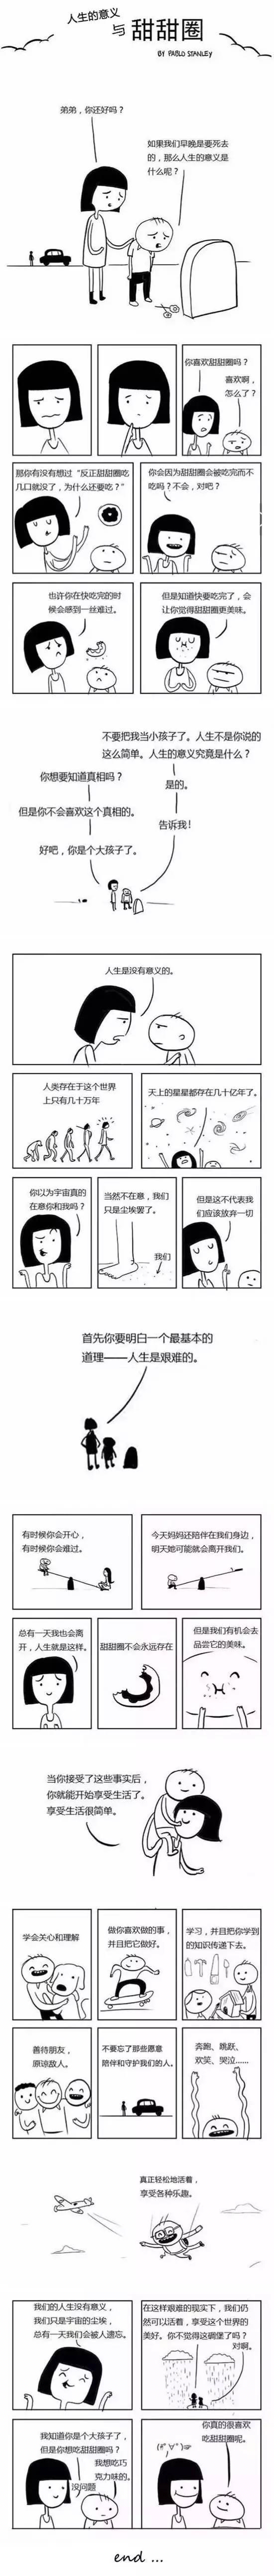 """""""互联网+教育精准扶贫""""吹响网络公益助学集结号"""